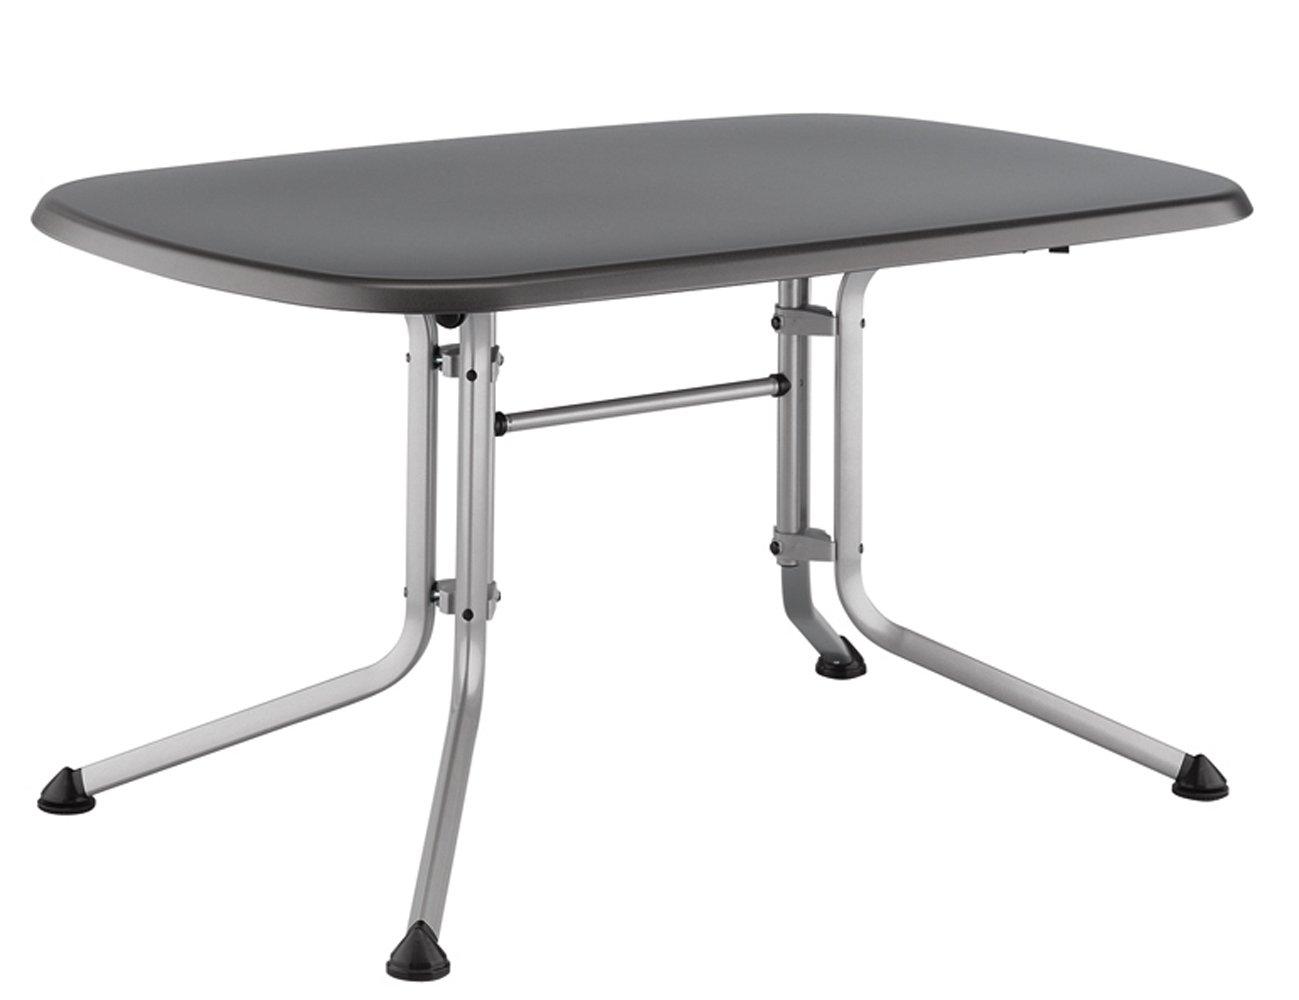 Kettler Gartentisch oval 140x90cm, silber/eisengrau Aluminiumgestell silber, Kettalux-Plus-Platte